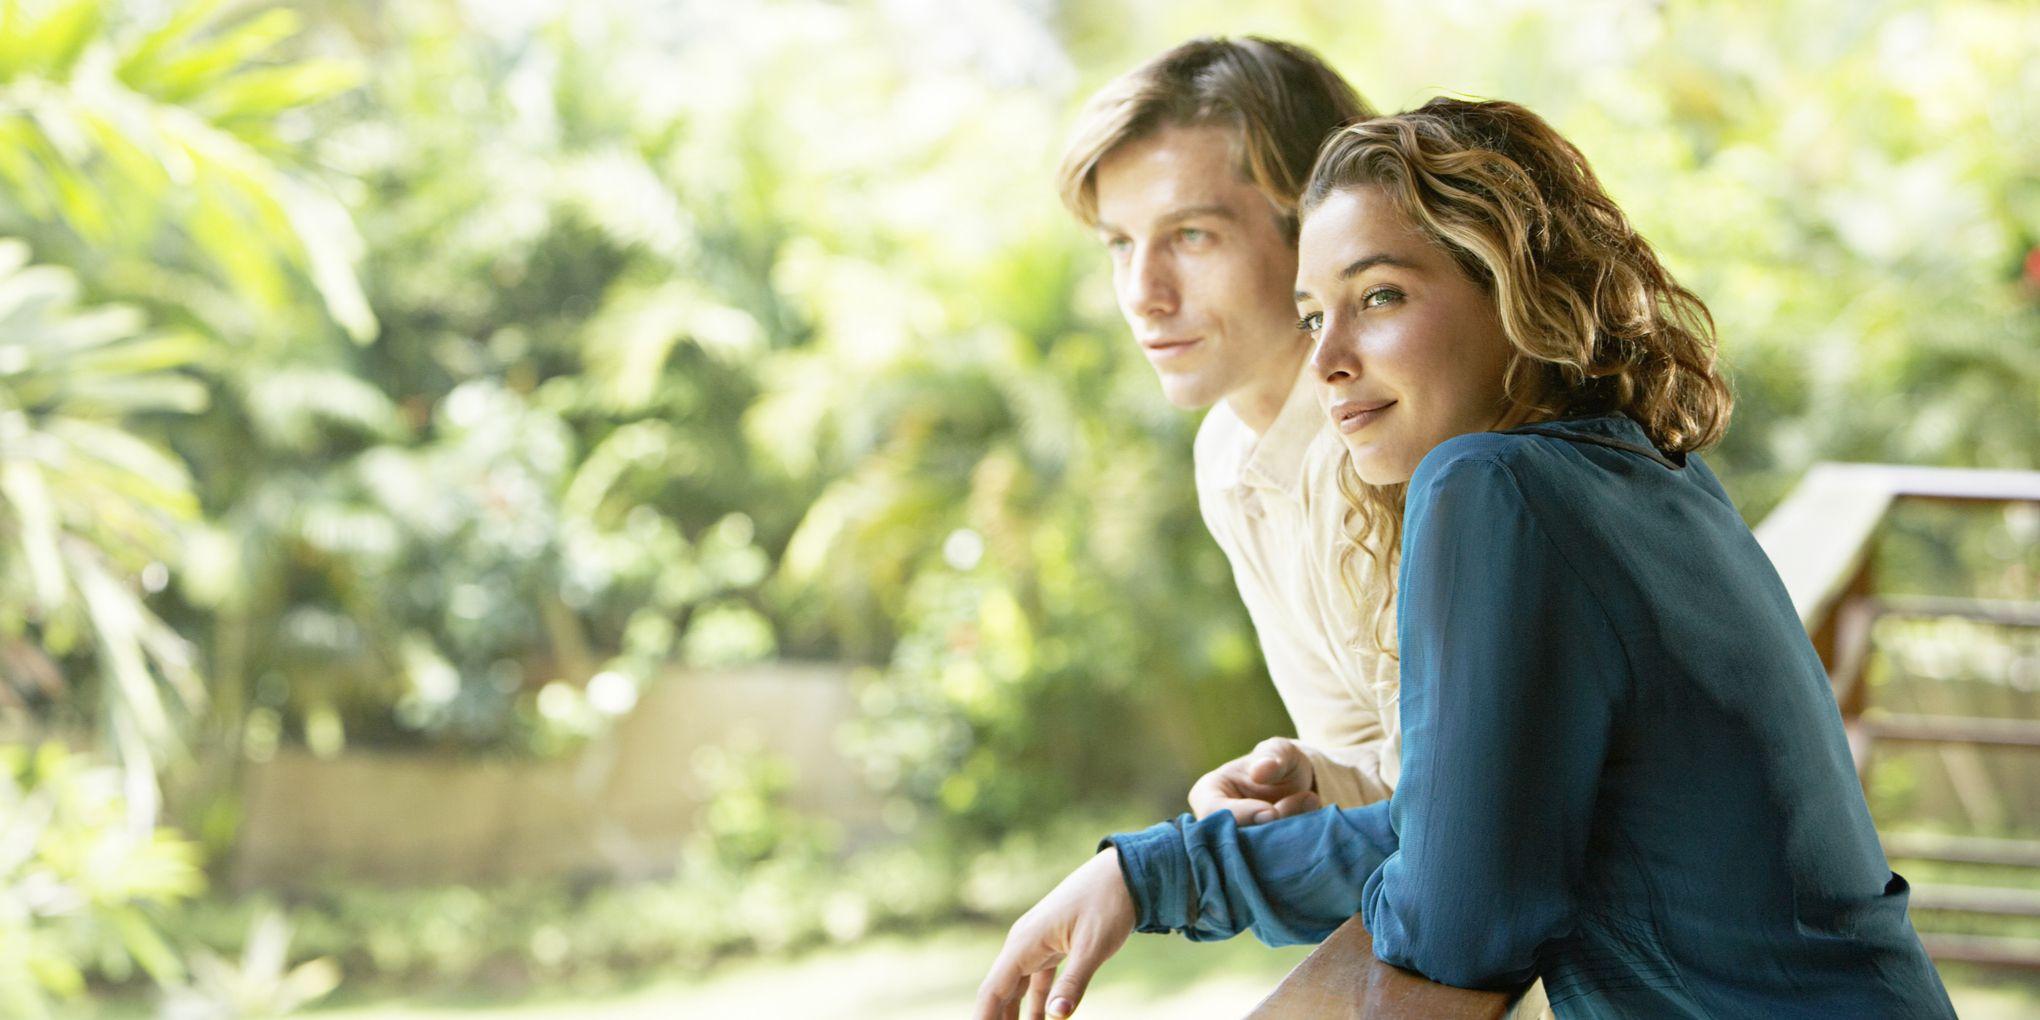 herpes dating grupe kako postati online dating trener